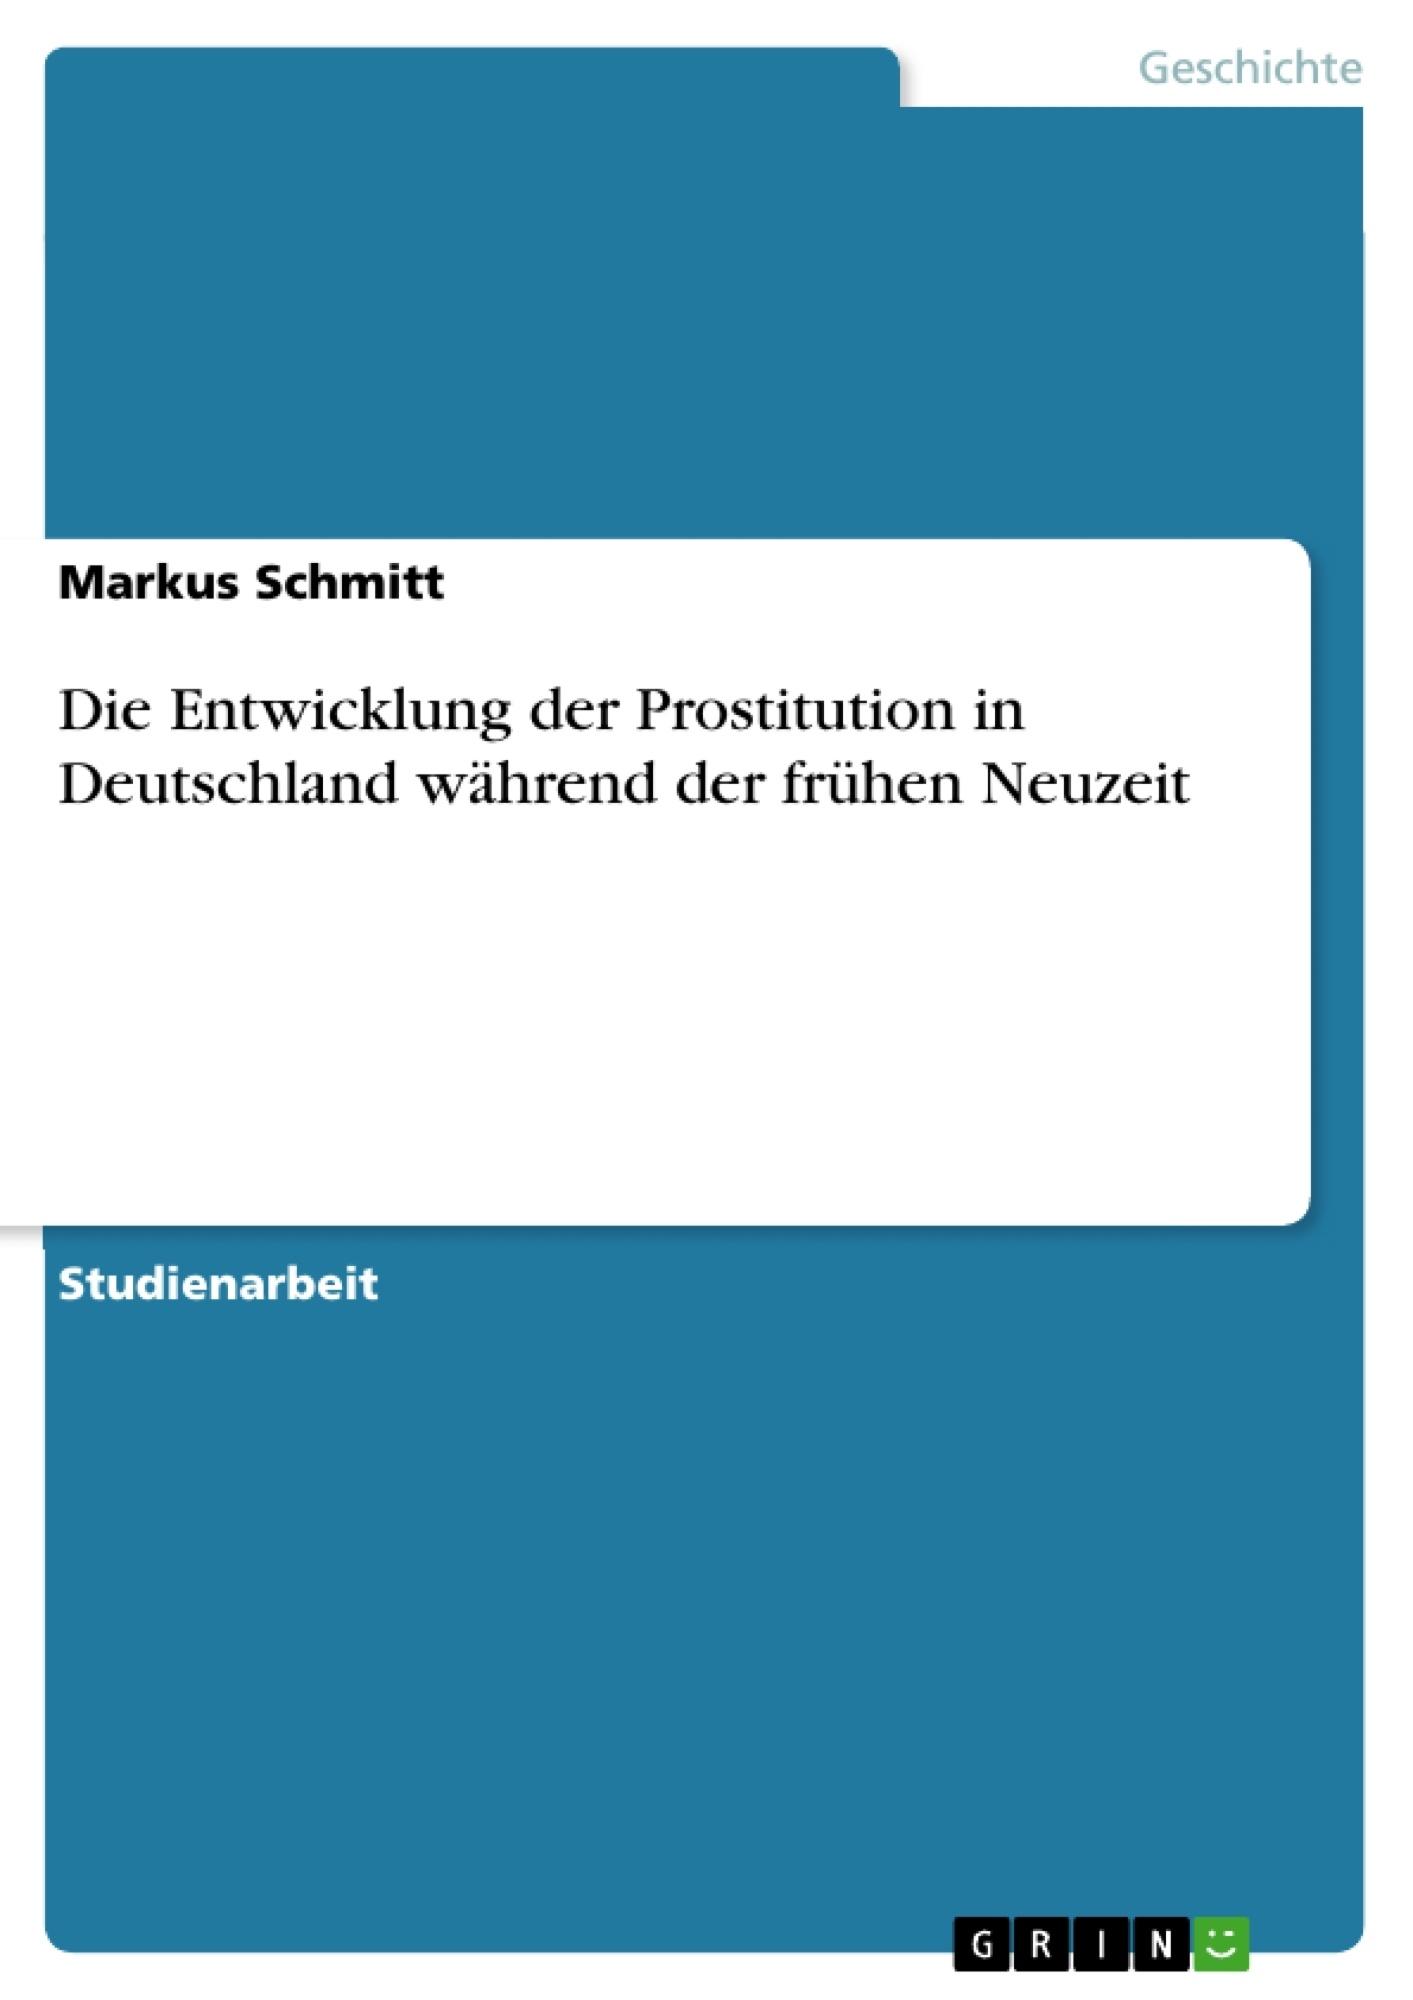 Titel: Die Entwicklung der Prostitution in Deutschland während der frühen Neuzeit